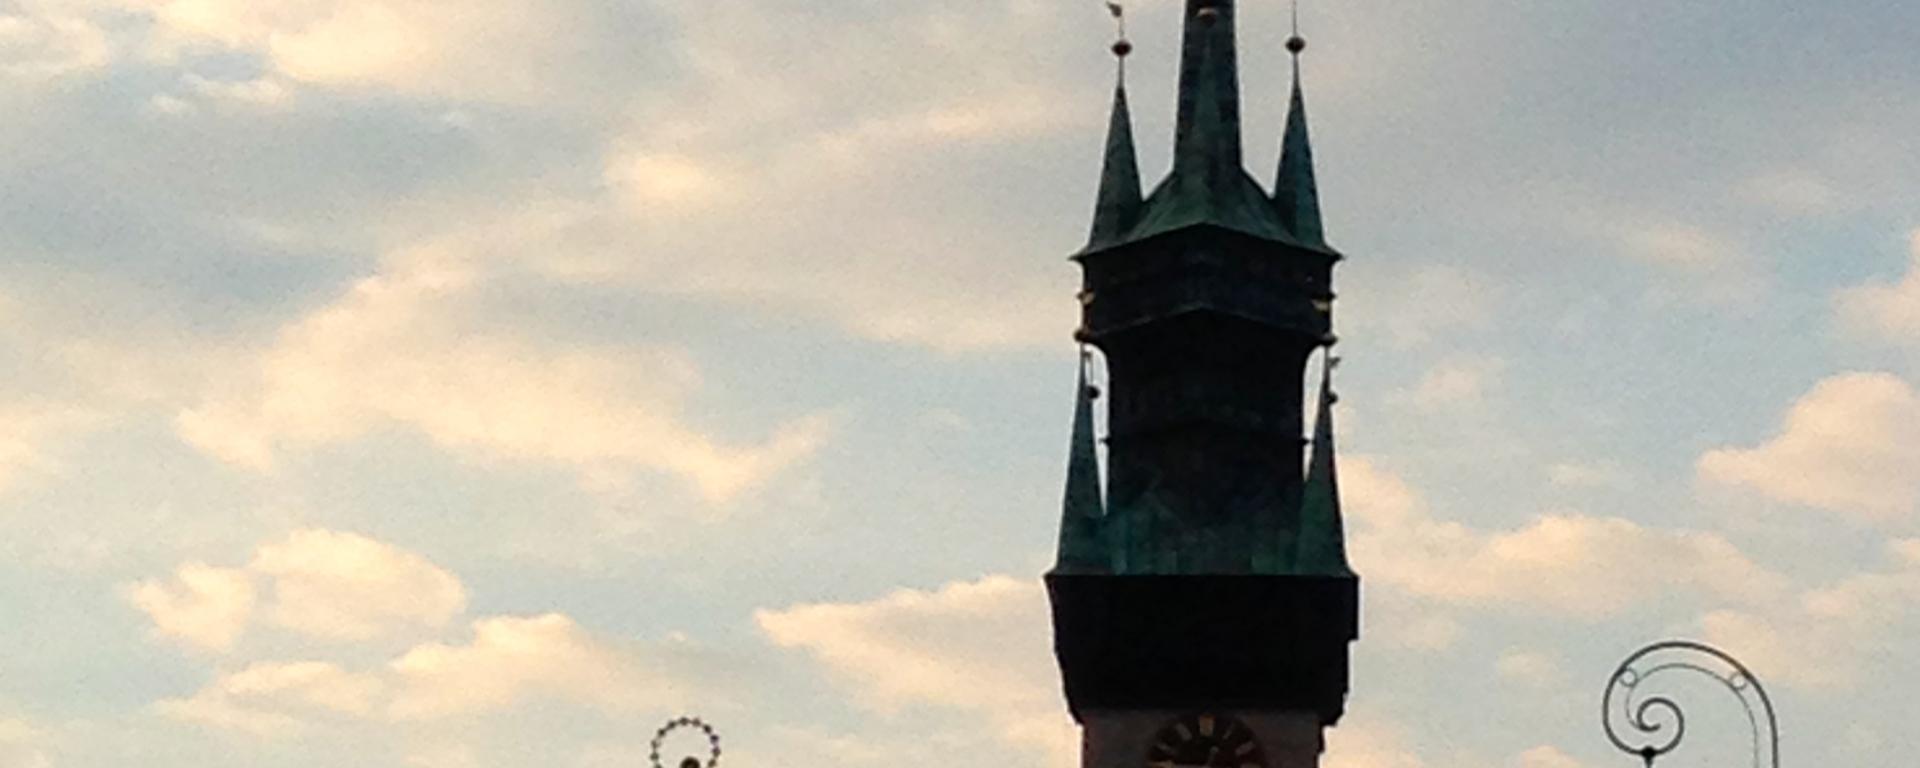 Znojmo Skyline